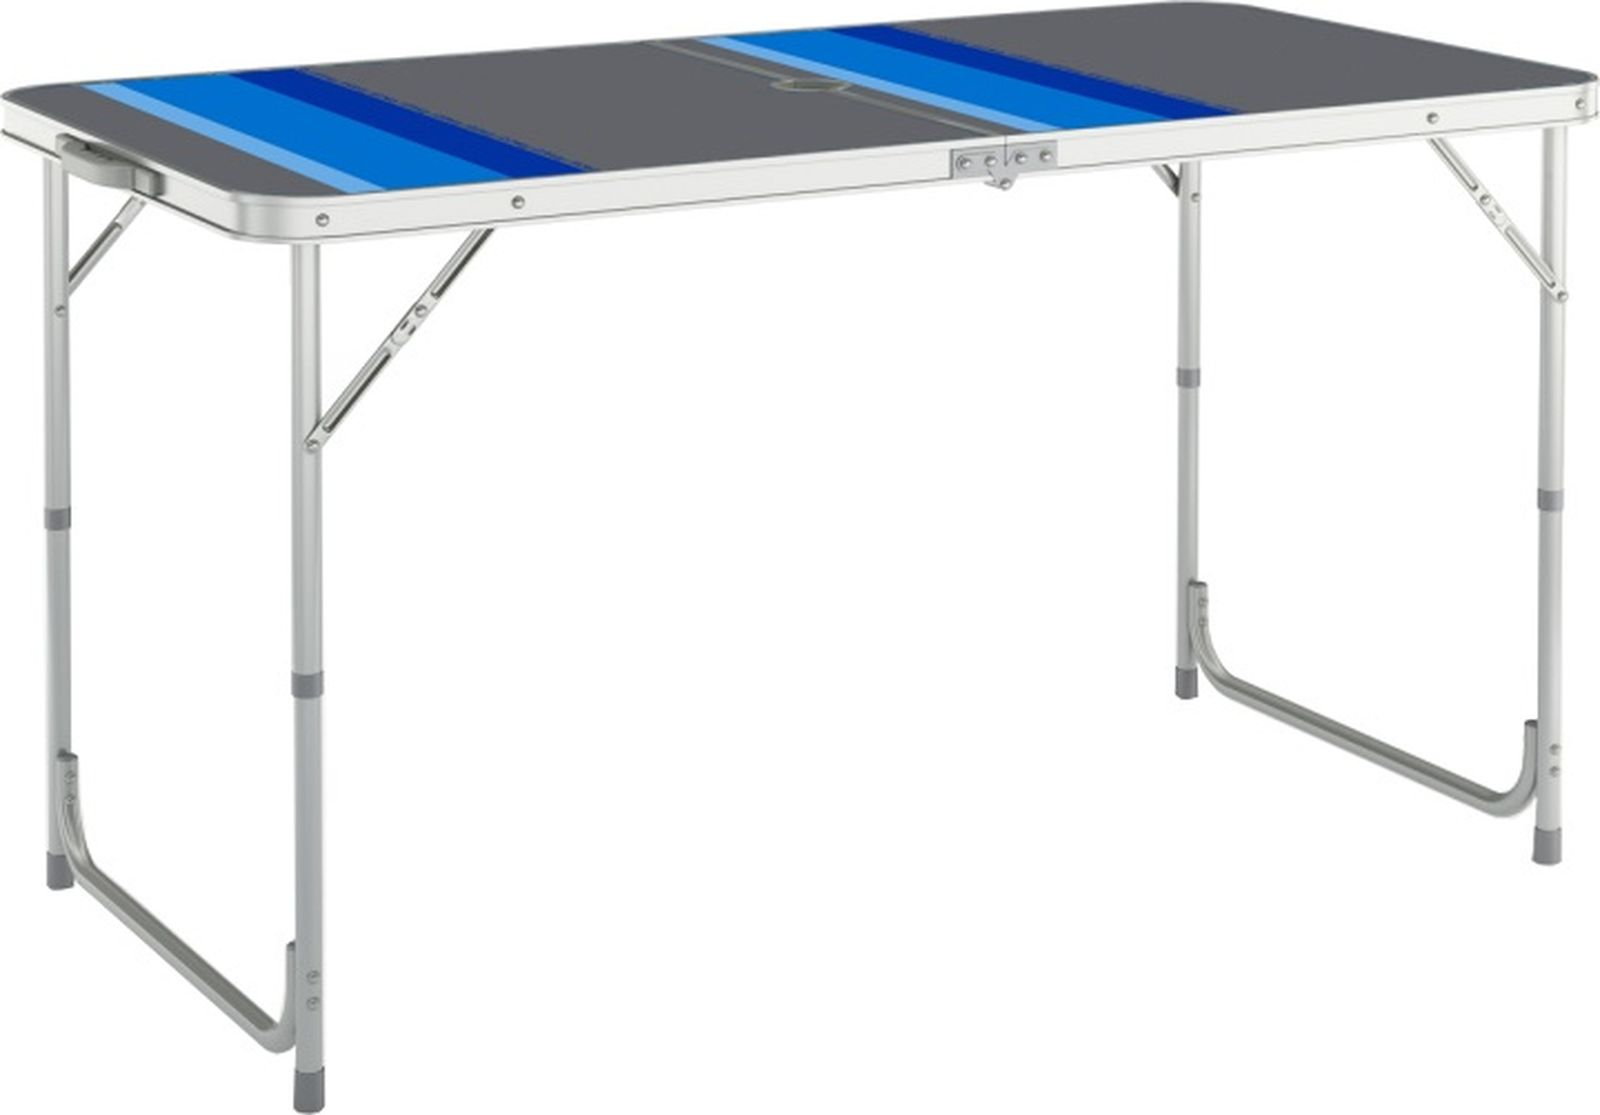 Стол складной Zagorod T 201, синий, 120,5 х 60 х 70 см